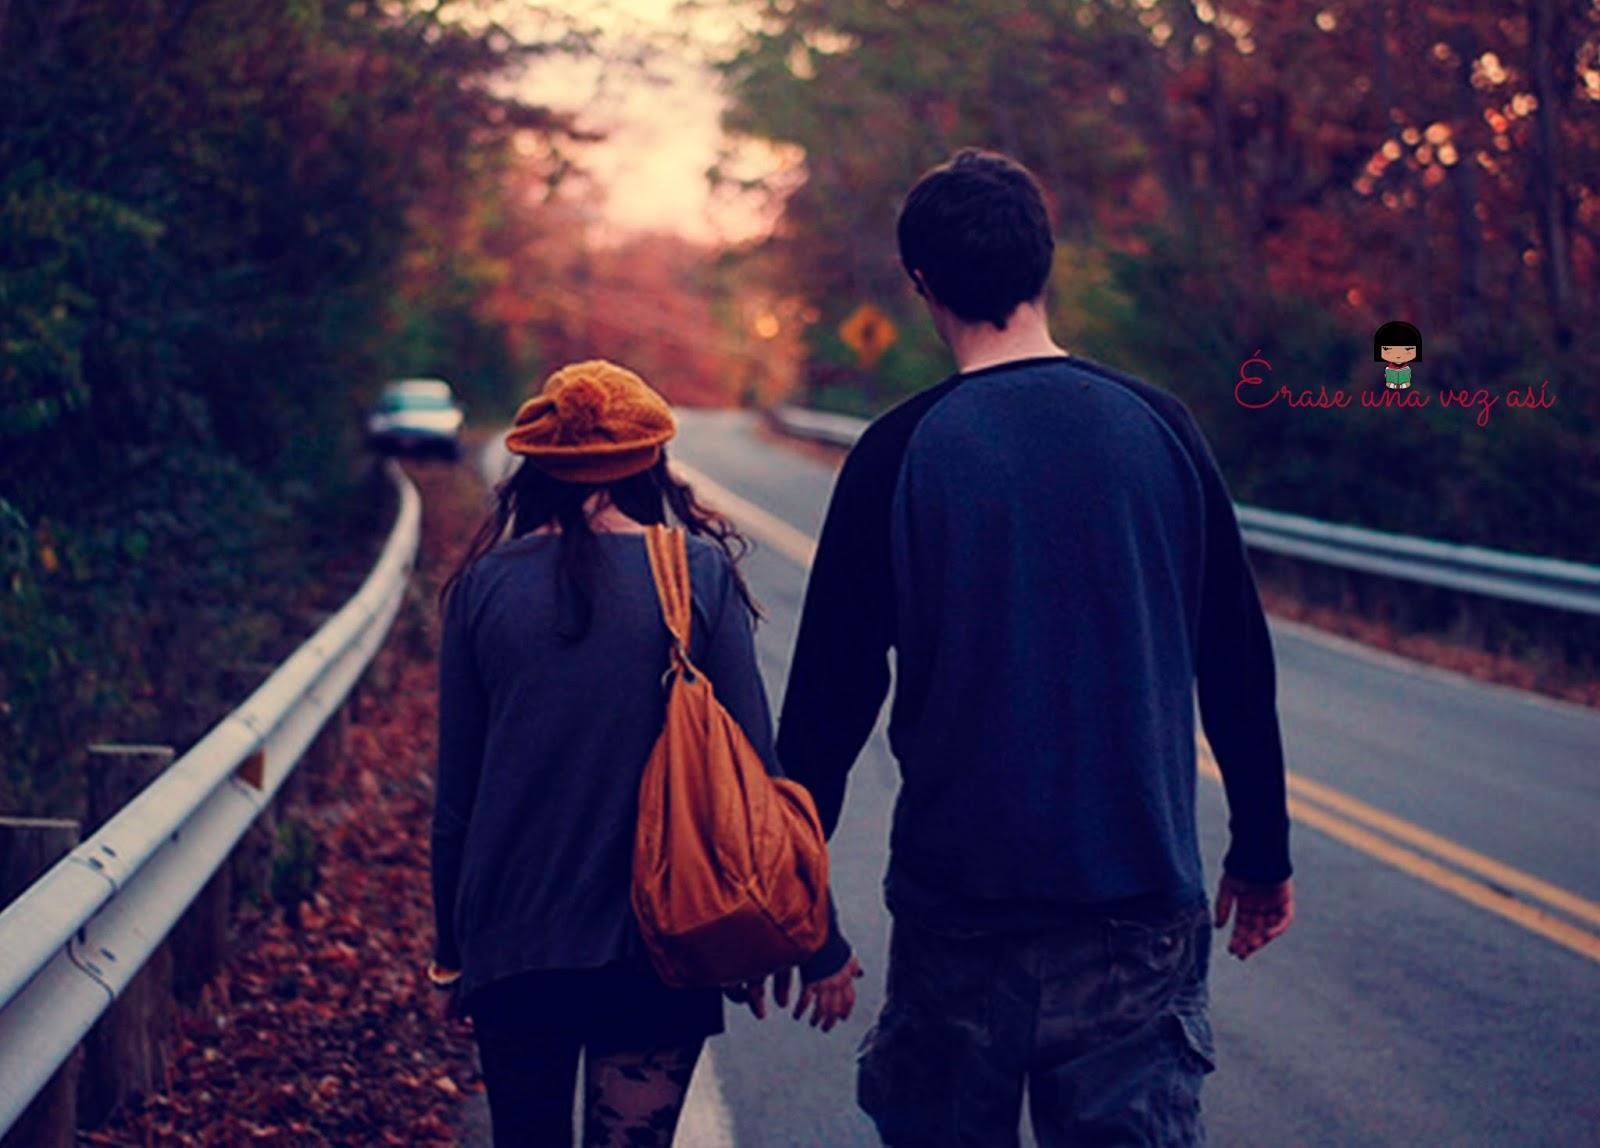 frases de amor, historias de amor, pareja hipster, el rencor no puede vencer al amor